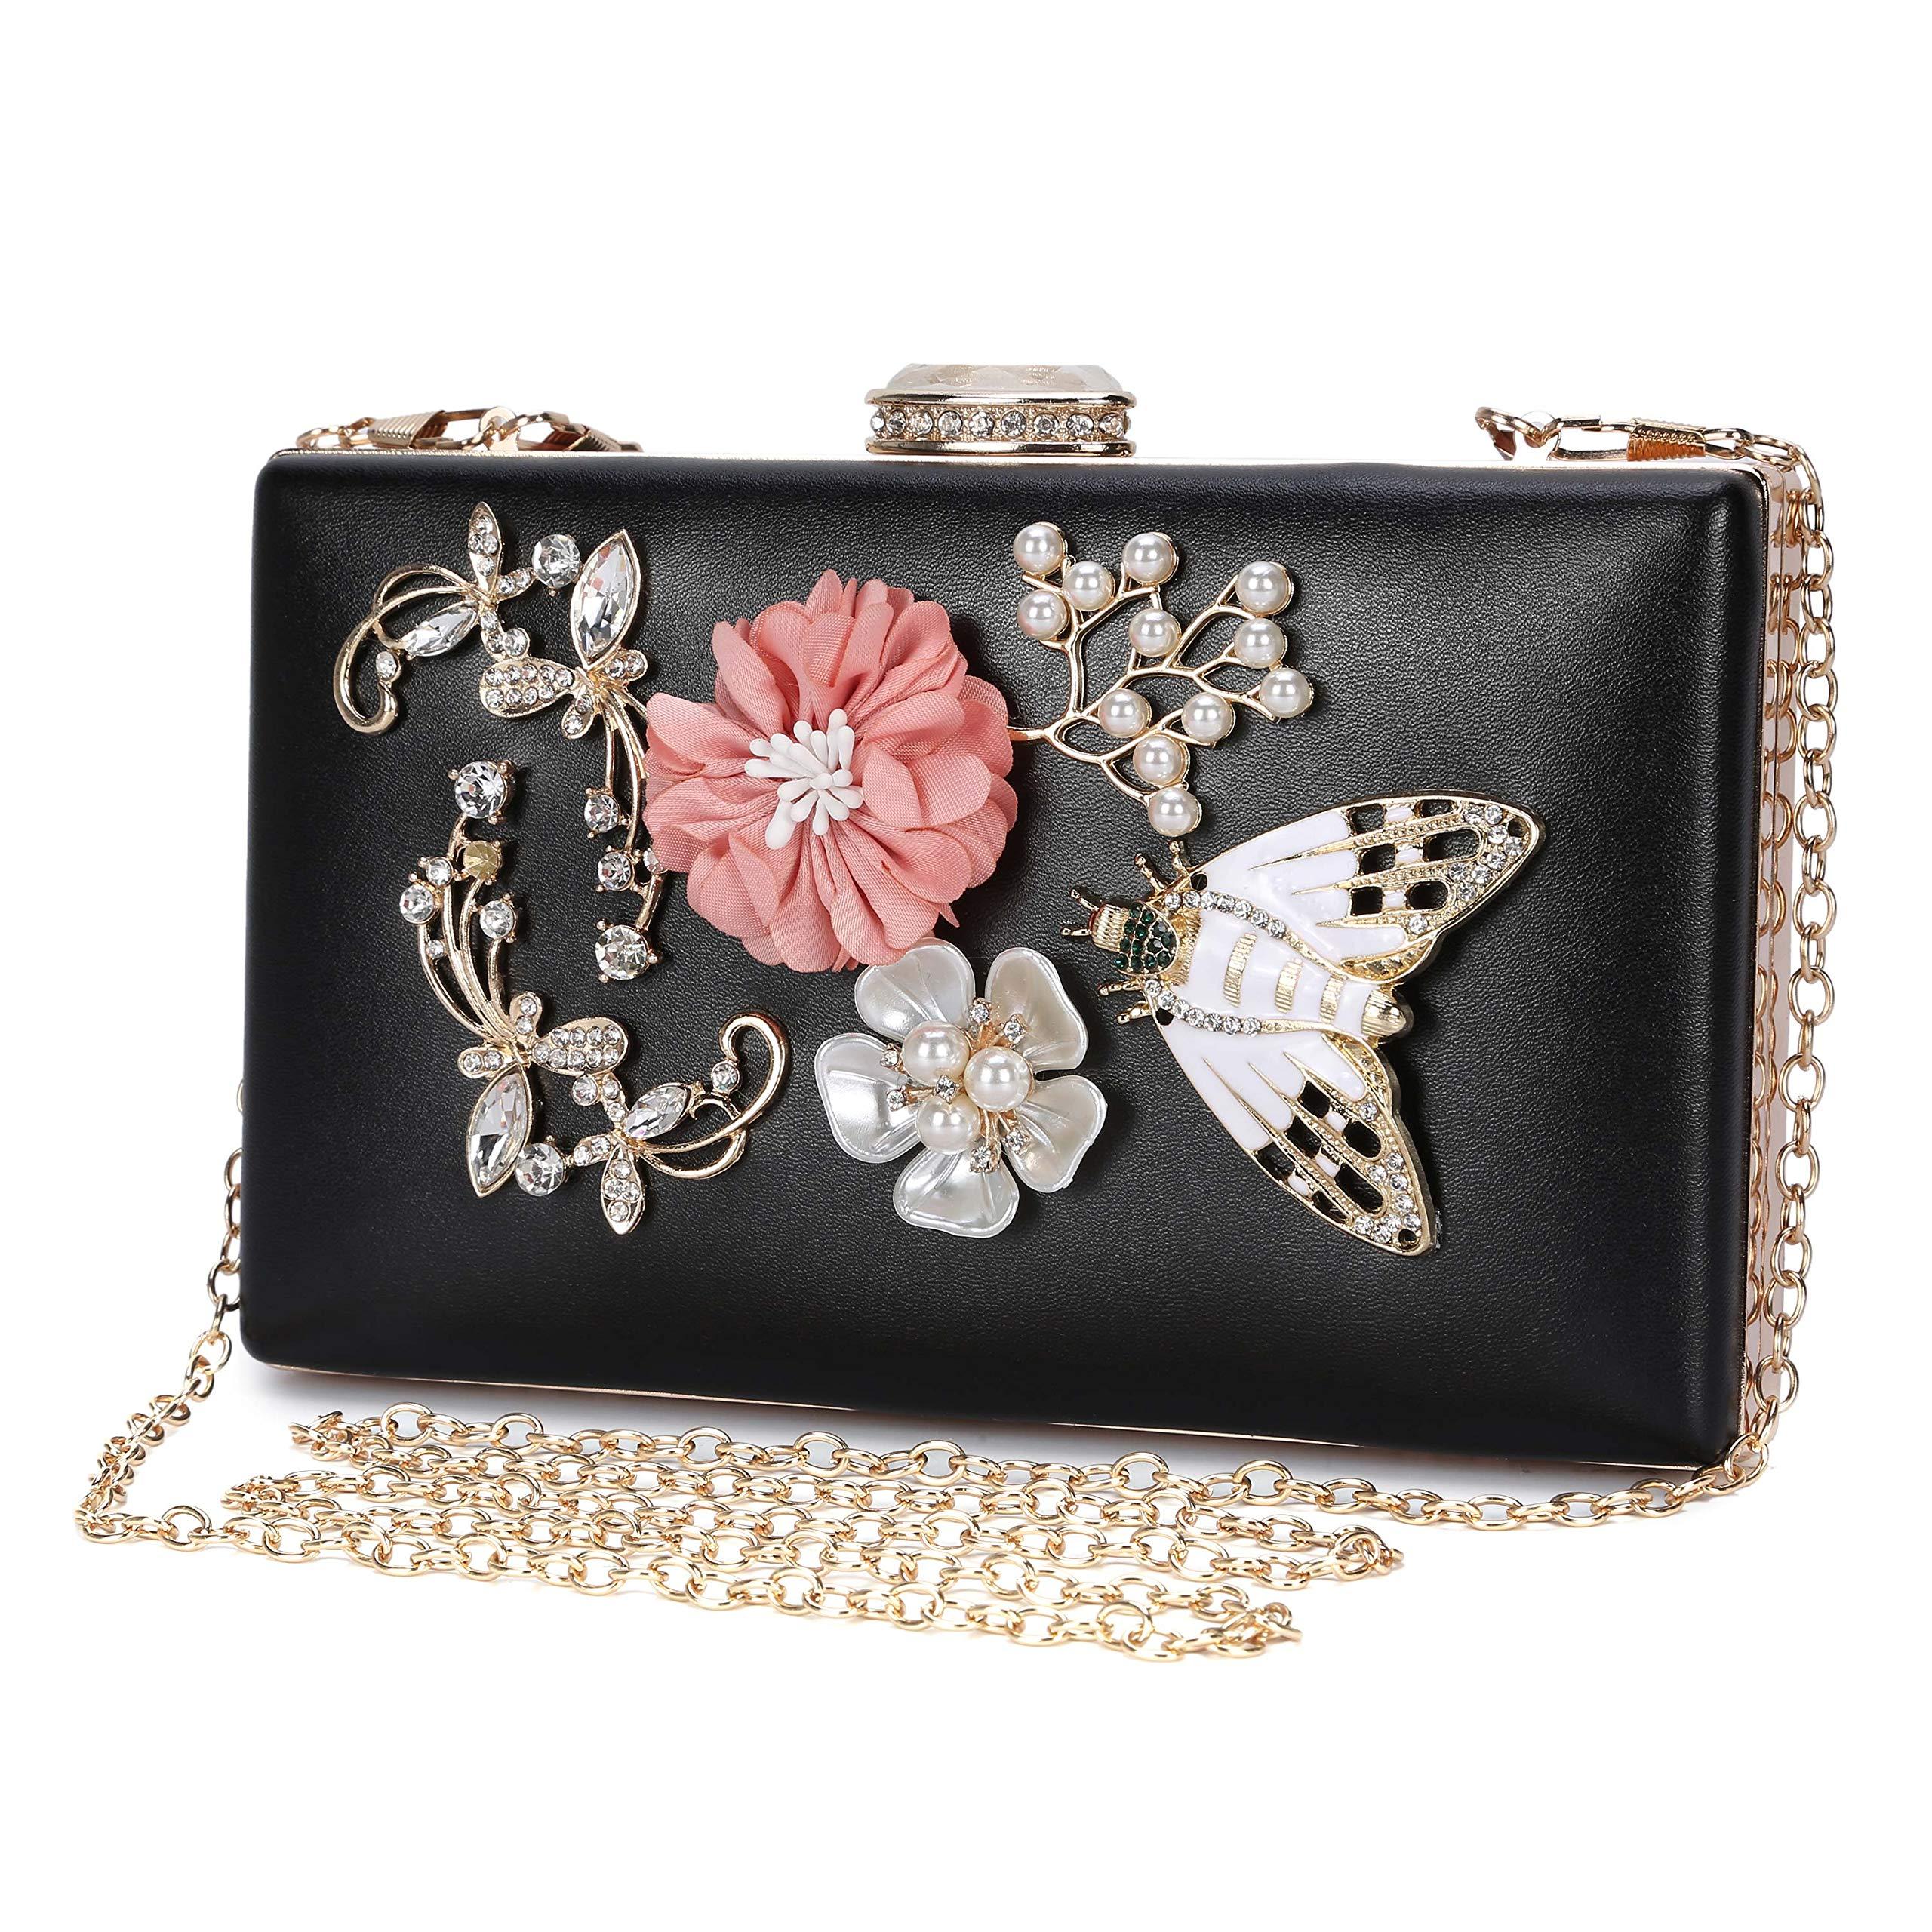 Bolso de Noche Embragues Bolsa de Mano Mariposa y la Flor Colorida Exclusivo para Mujer Hard